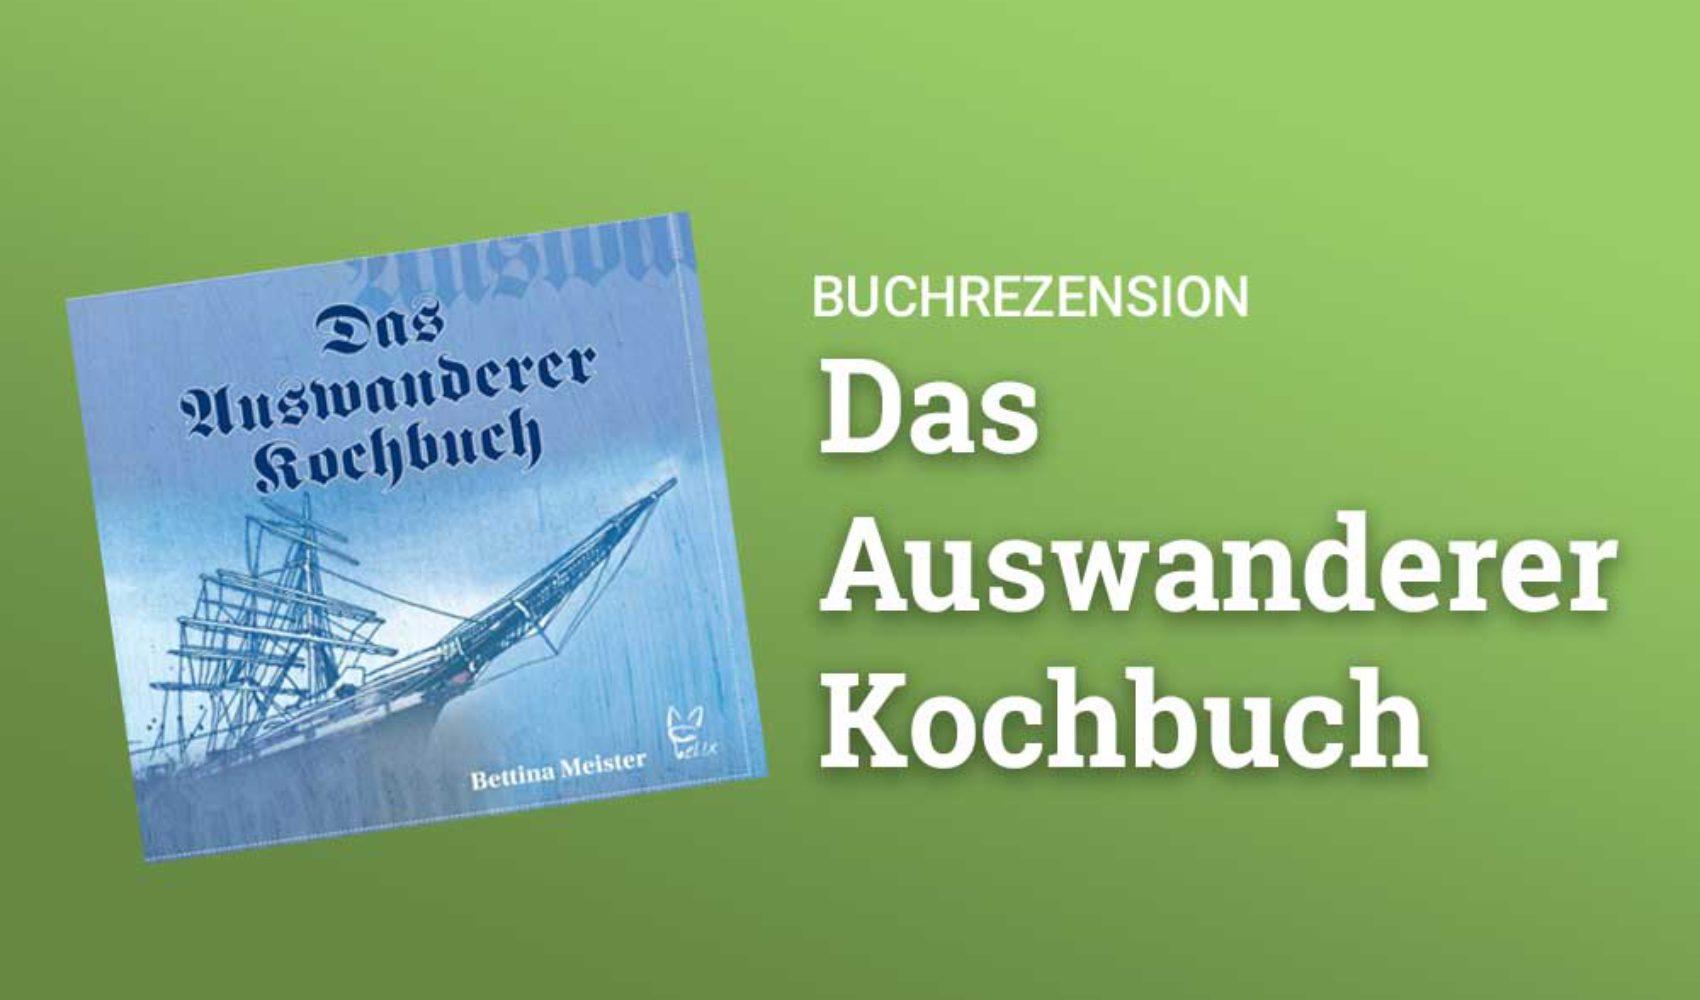 Das Auswanderer Kochbuch - Erwartungen und Erbsensuppe ...